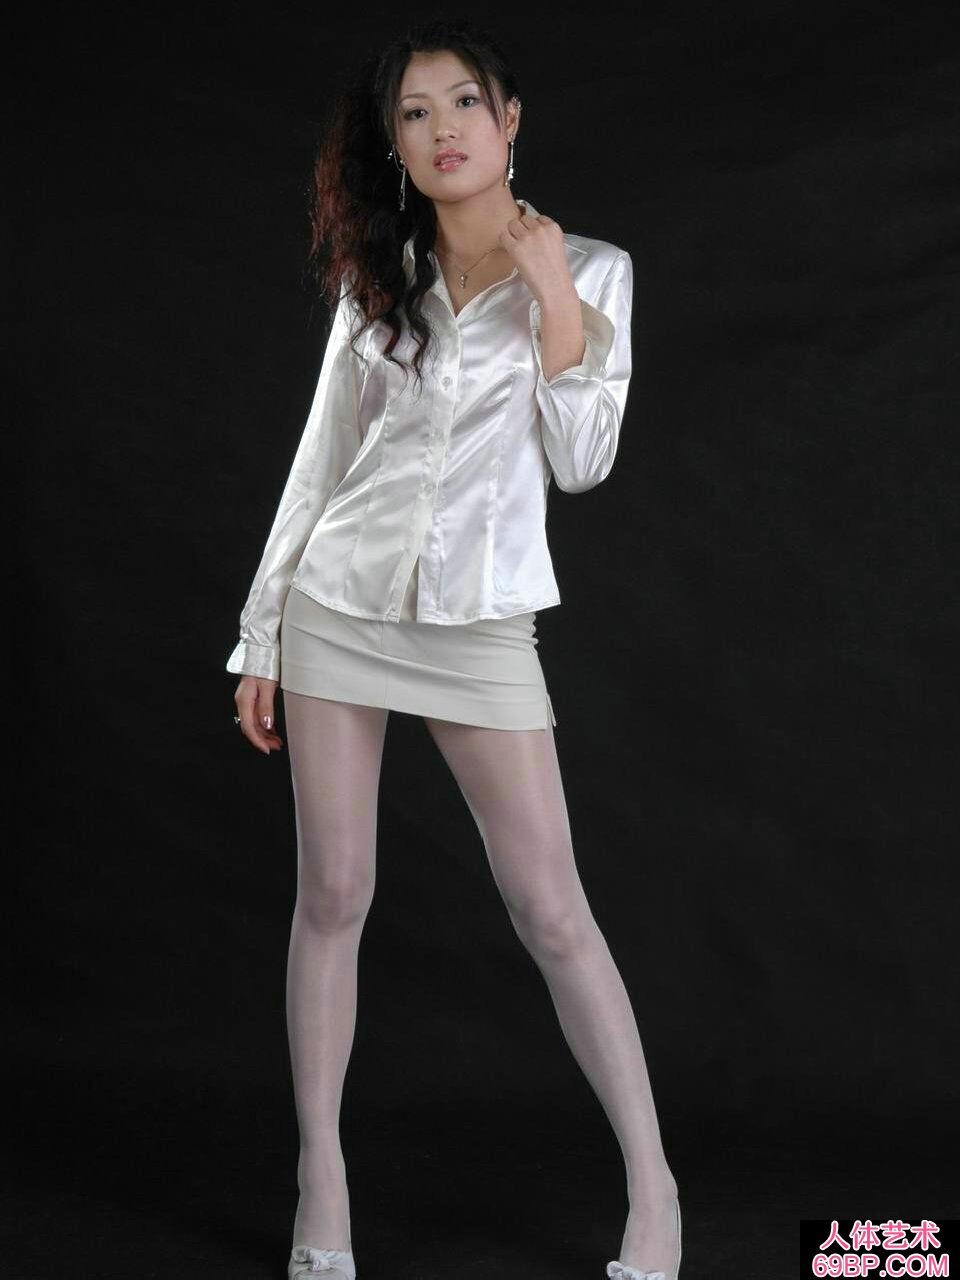 国模梅婷穿超薄薄丝人体图片